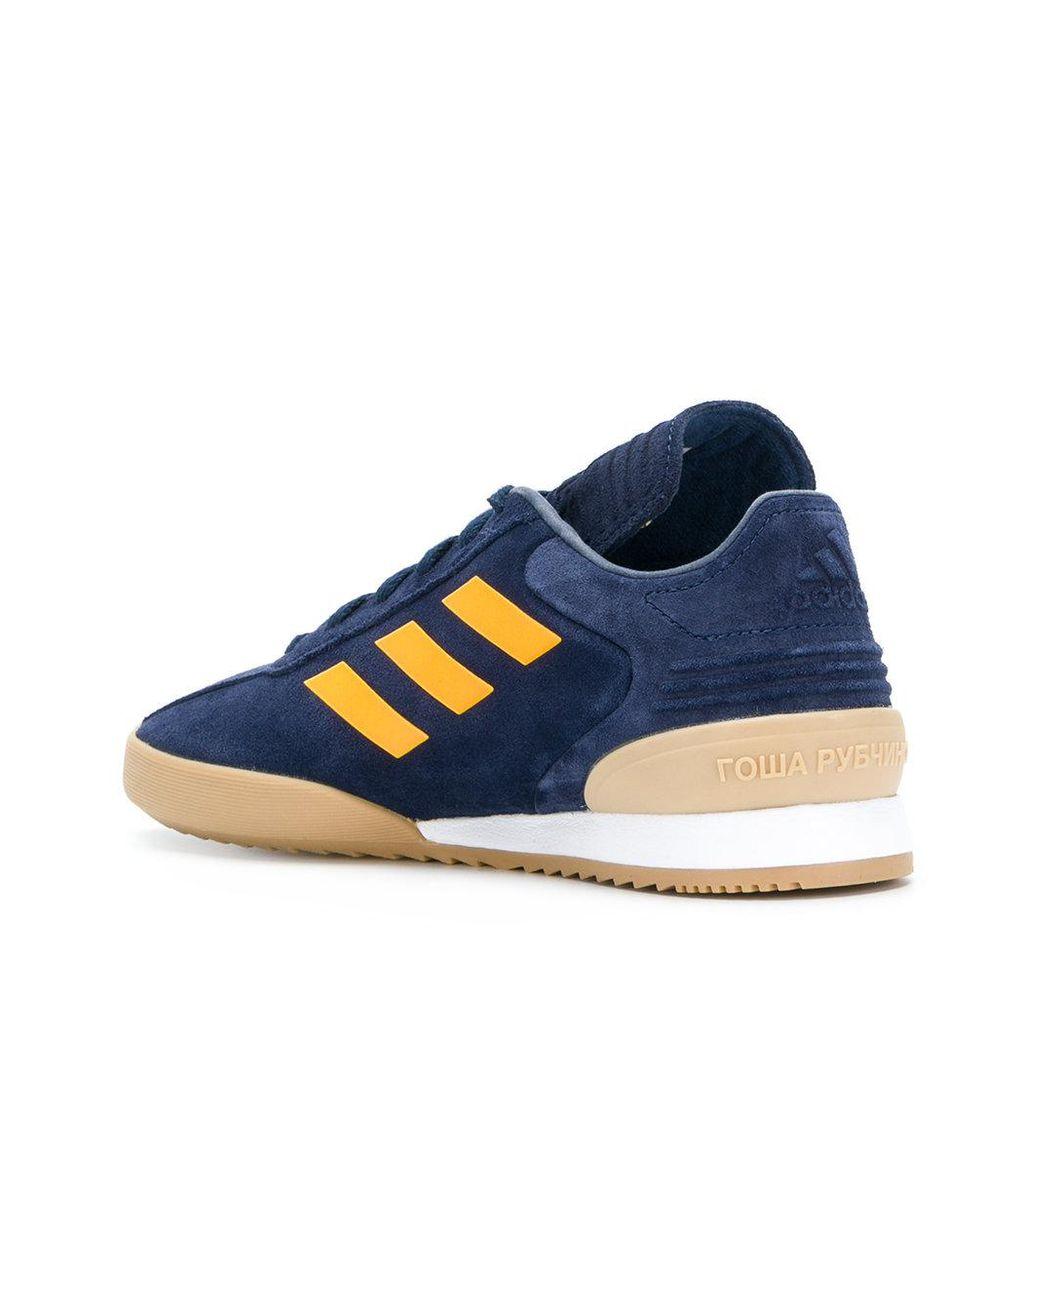 Adidas SchuheDb10 Herren Günstig Gtx Terrex Online Agravic